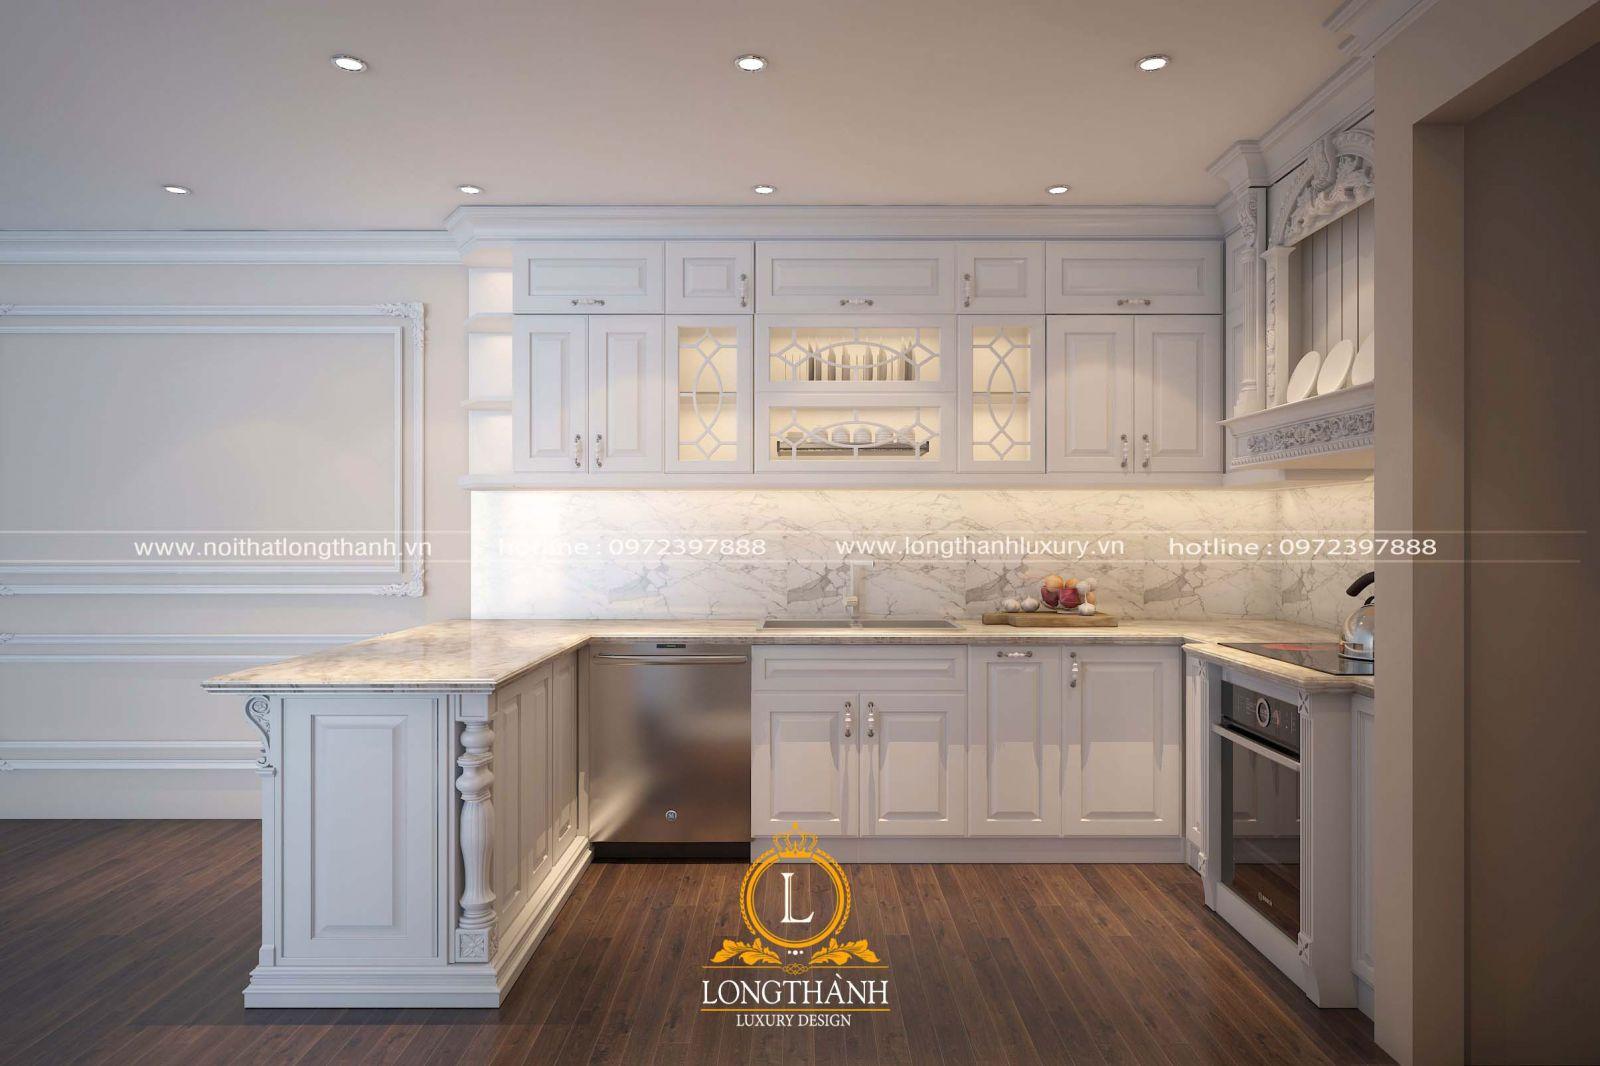 Bộ tủ bếp sơn trắng được thiết kế đơn giản